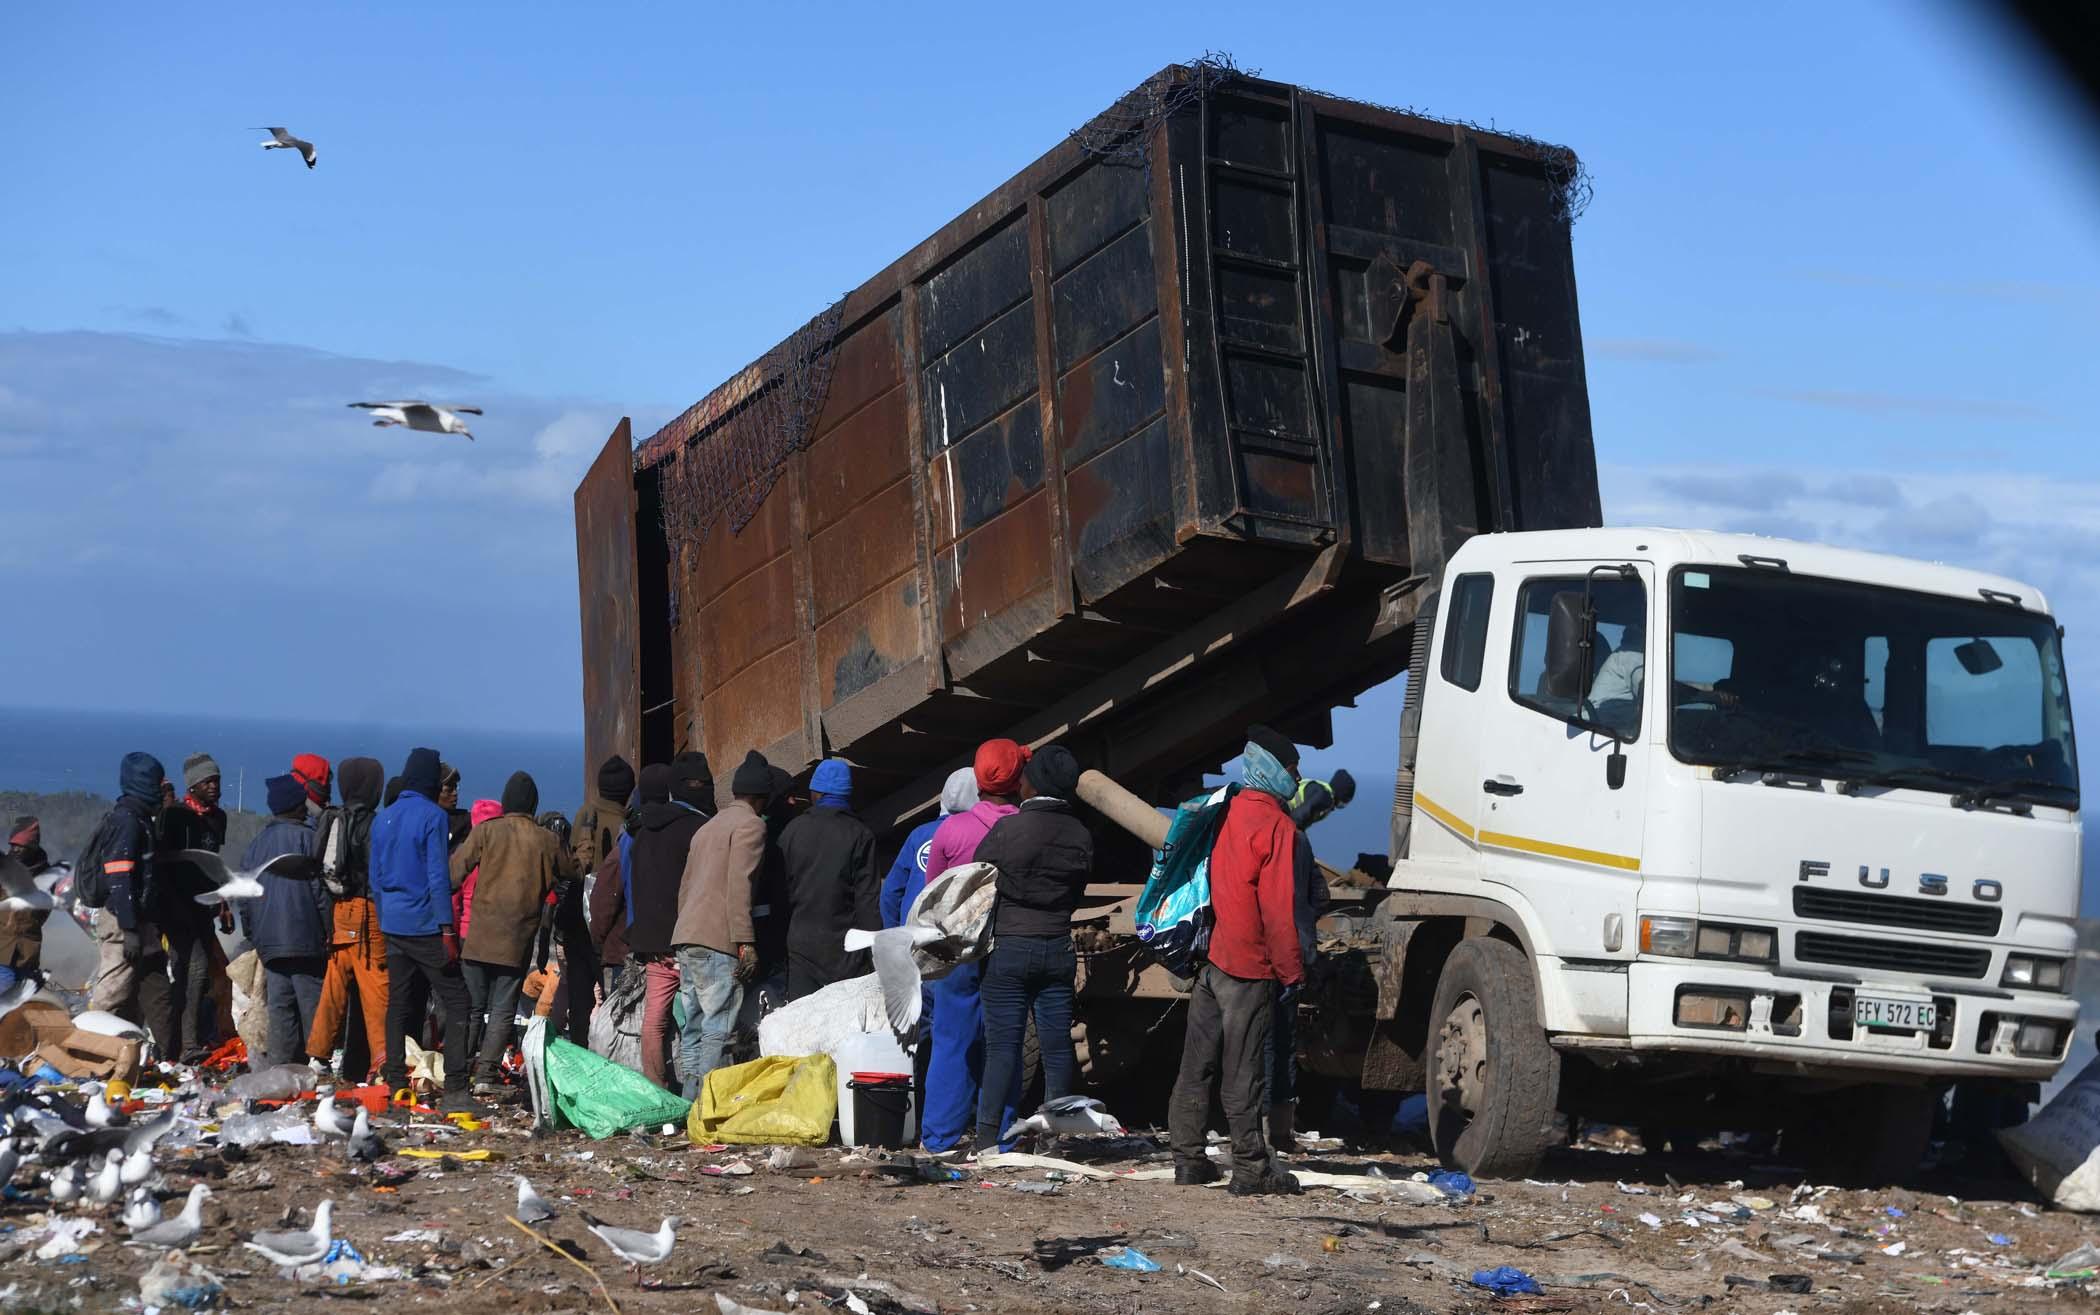 Waste pickers gather around a garbage disposal truck. Photo Black Star